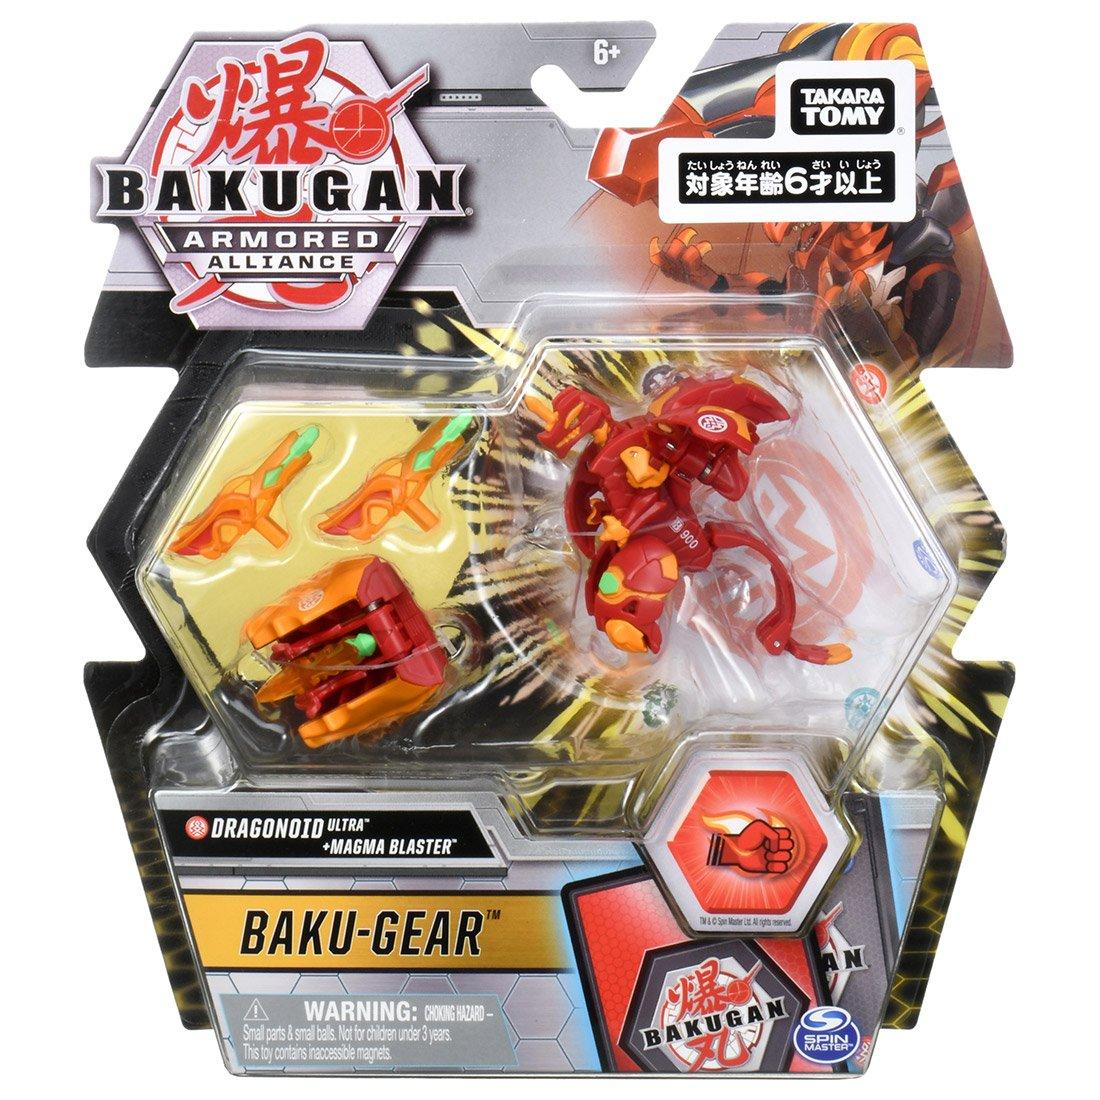 TAKARA TOMY 爆丸 爆丸BP2-001 獨角巨龍Ultra 武裝組